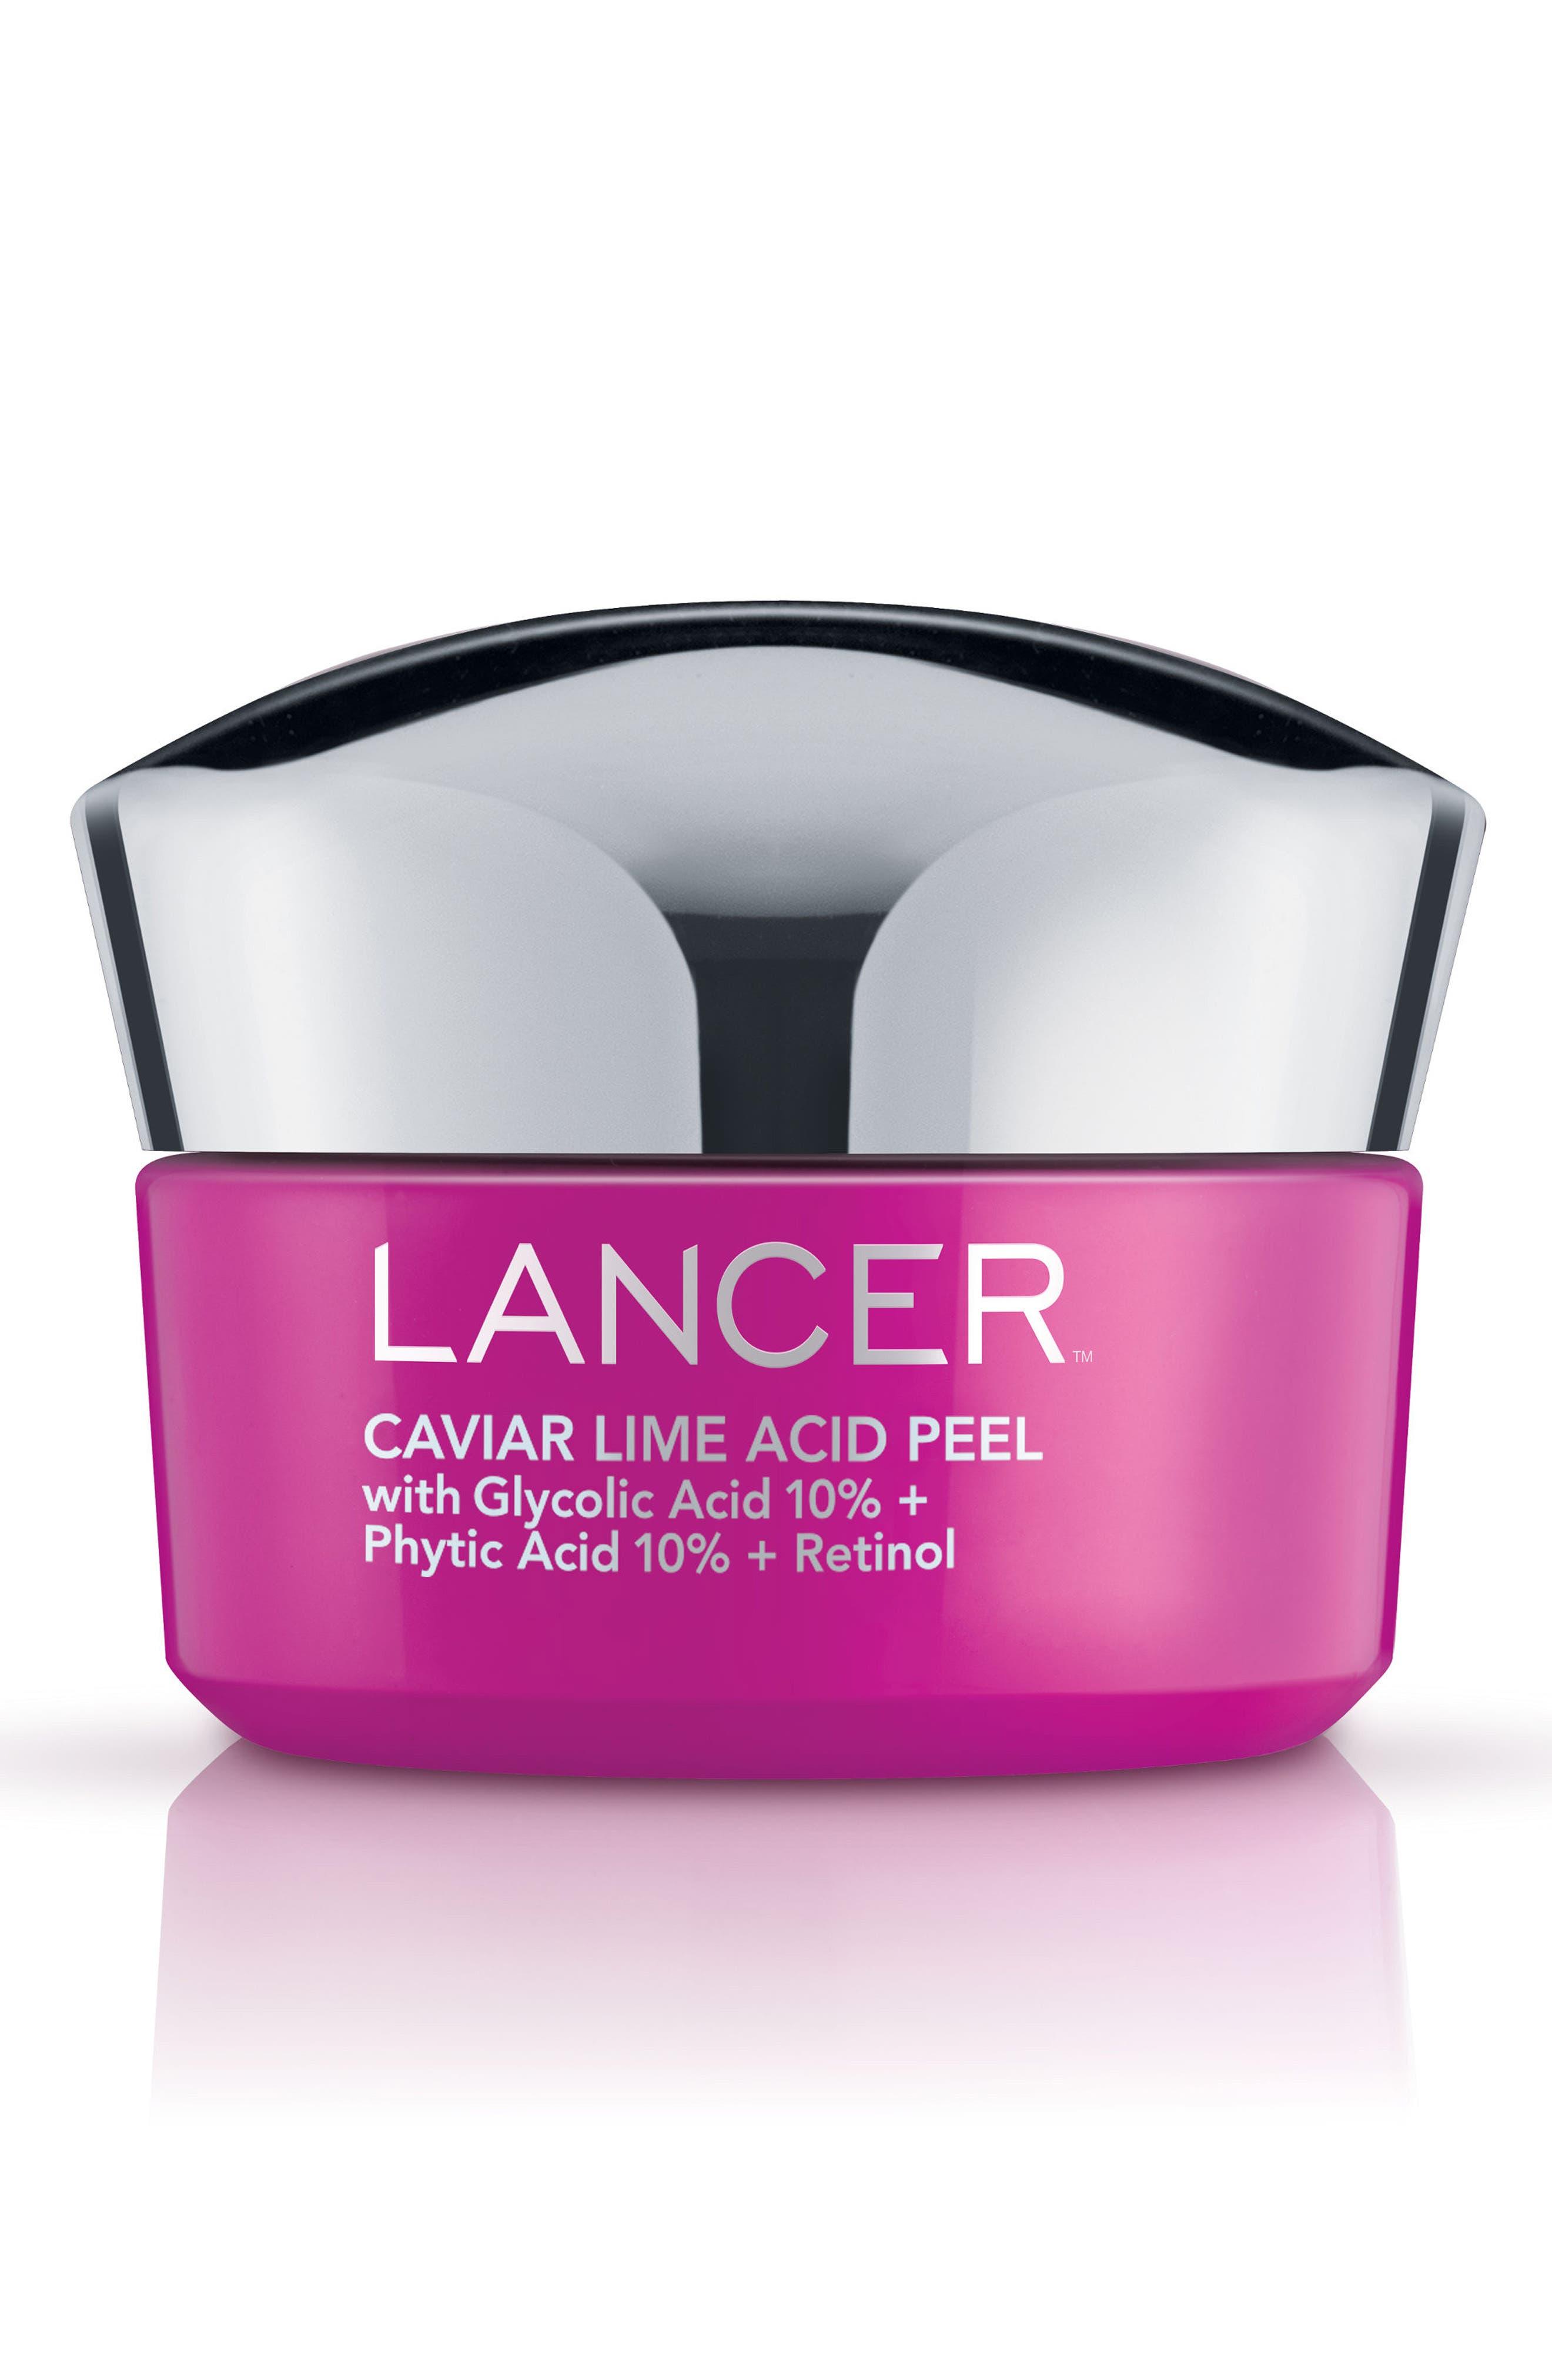 Caviar Lime Acid Peel